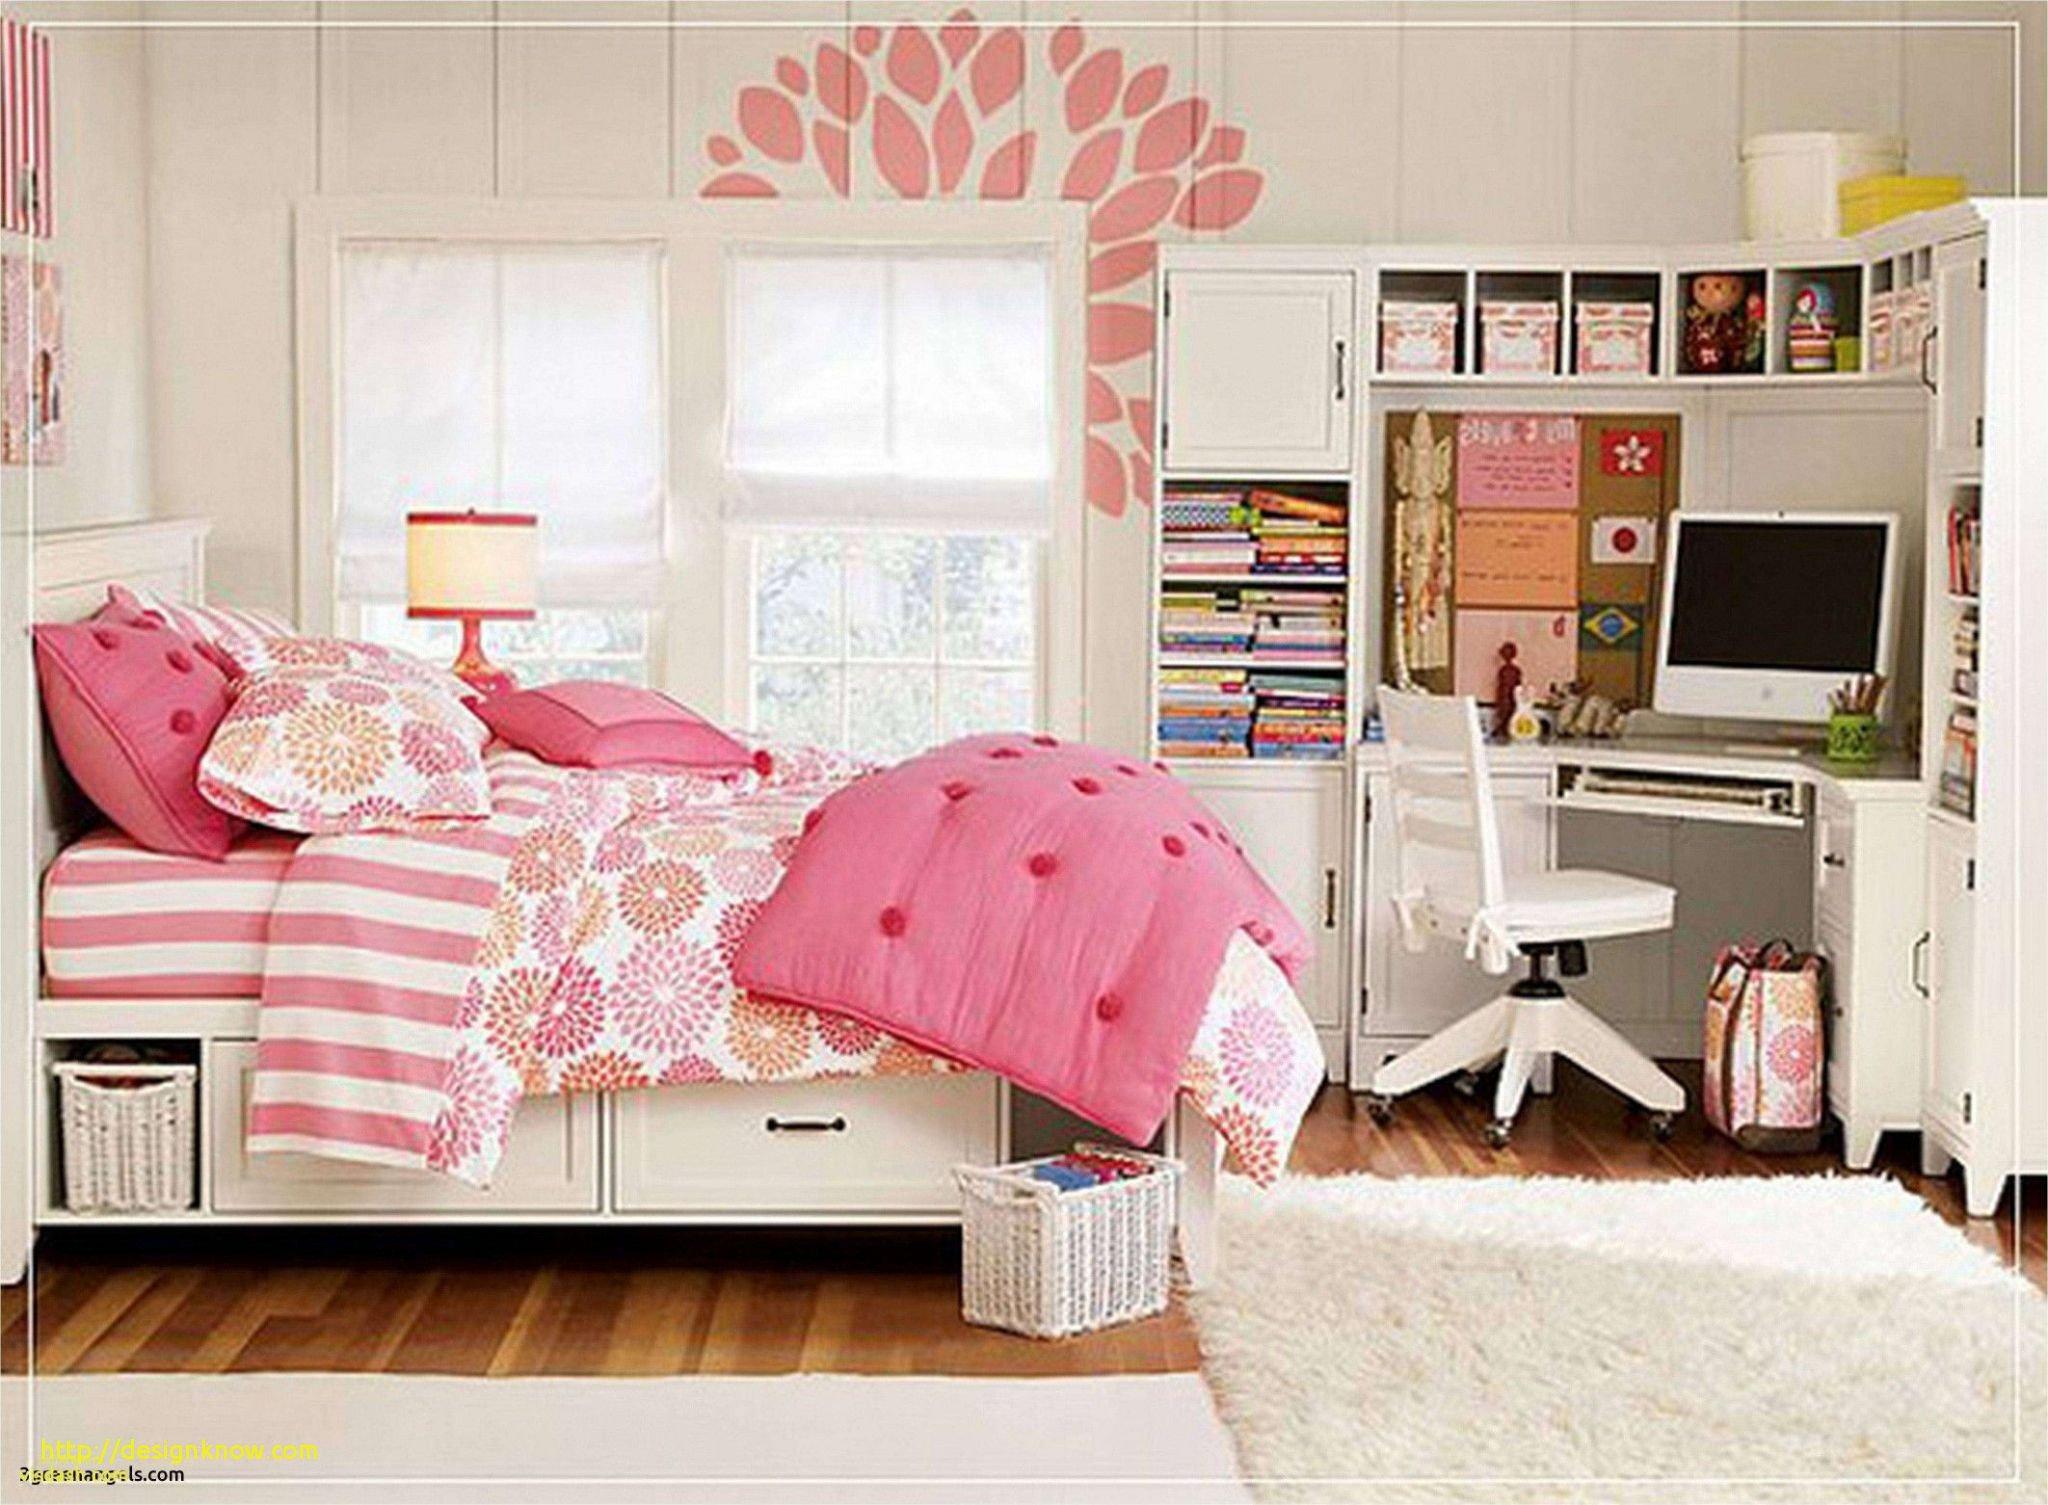 Bedroom Furniture Set King Elegant Unique Interior Design for Small Size Bedroom